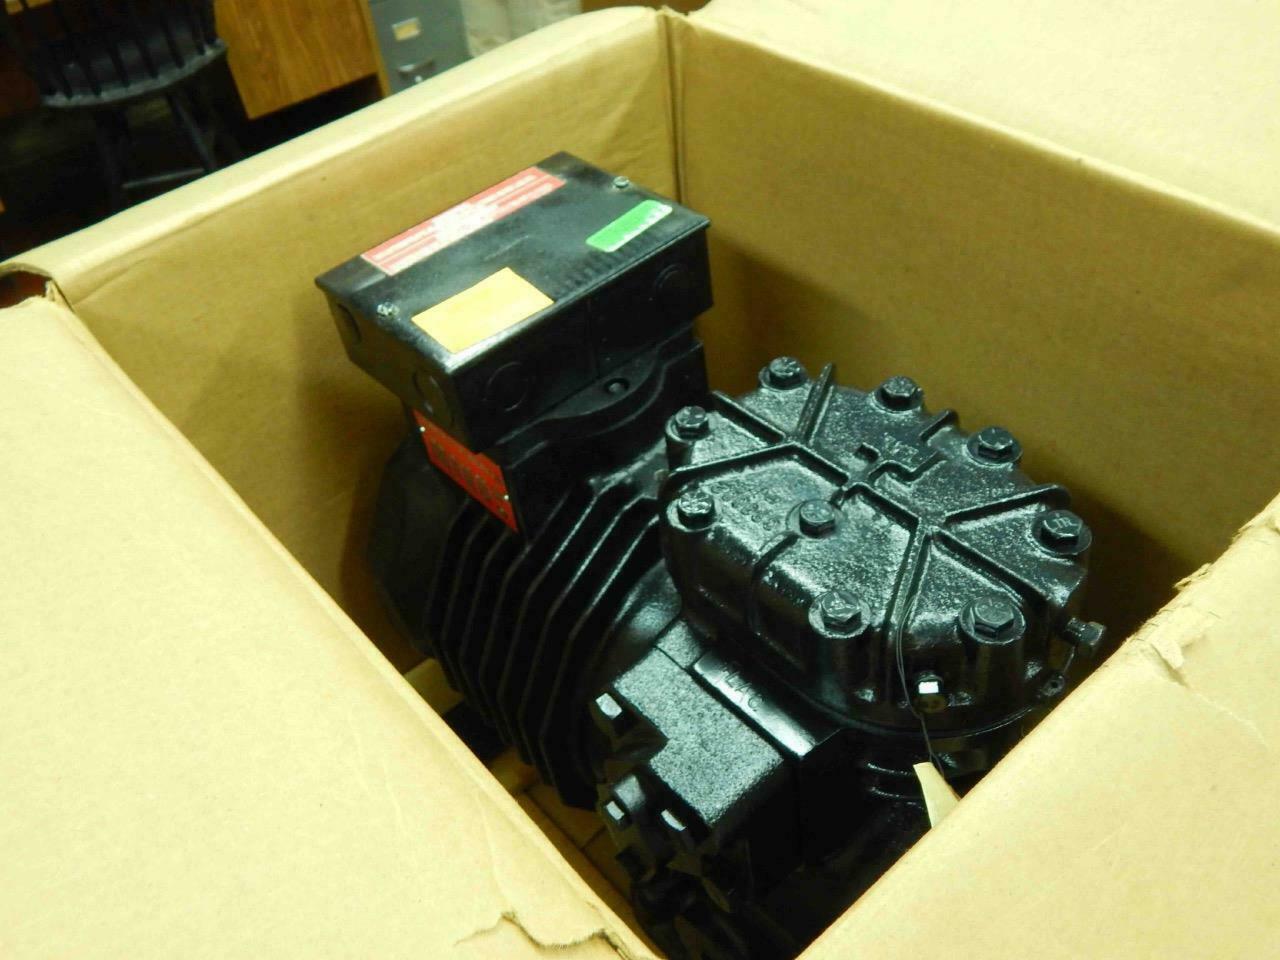 Copeland LAM1-0310-TAC Copelametic Compressor 208/230V Compressor 3Ph